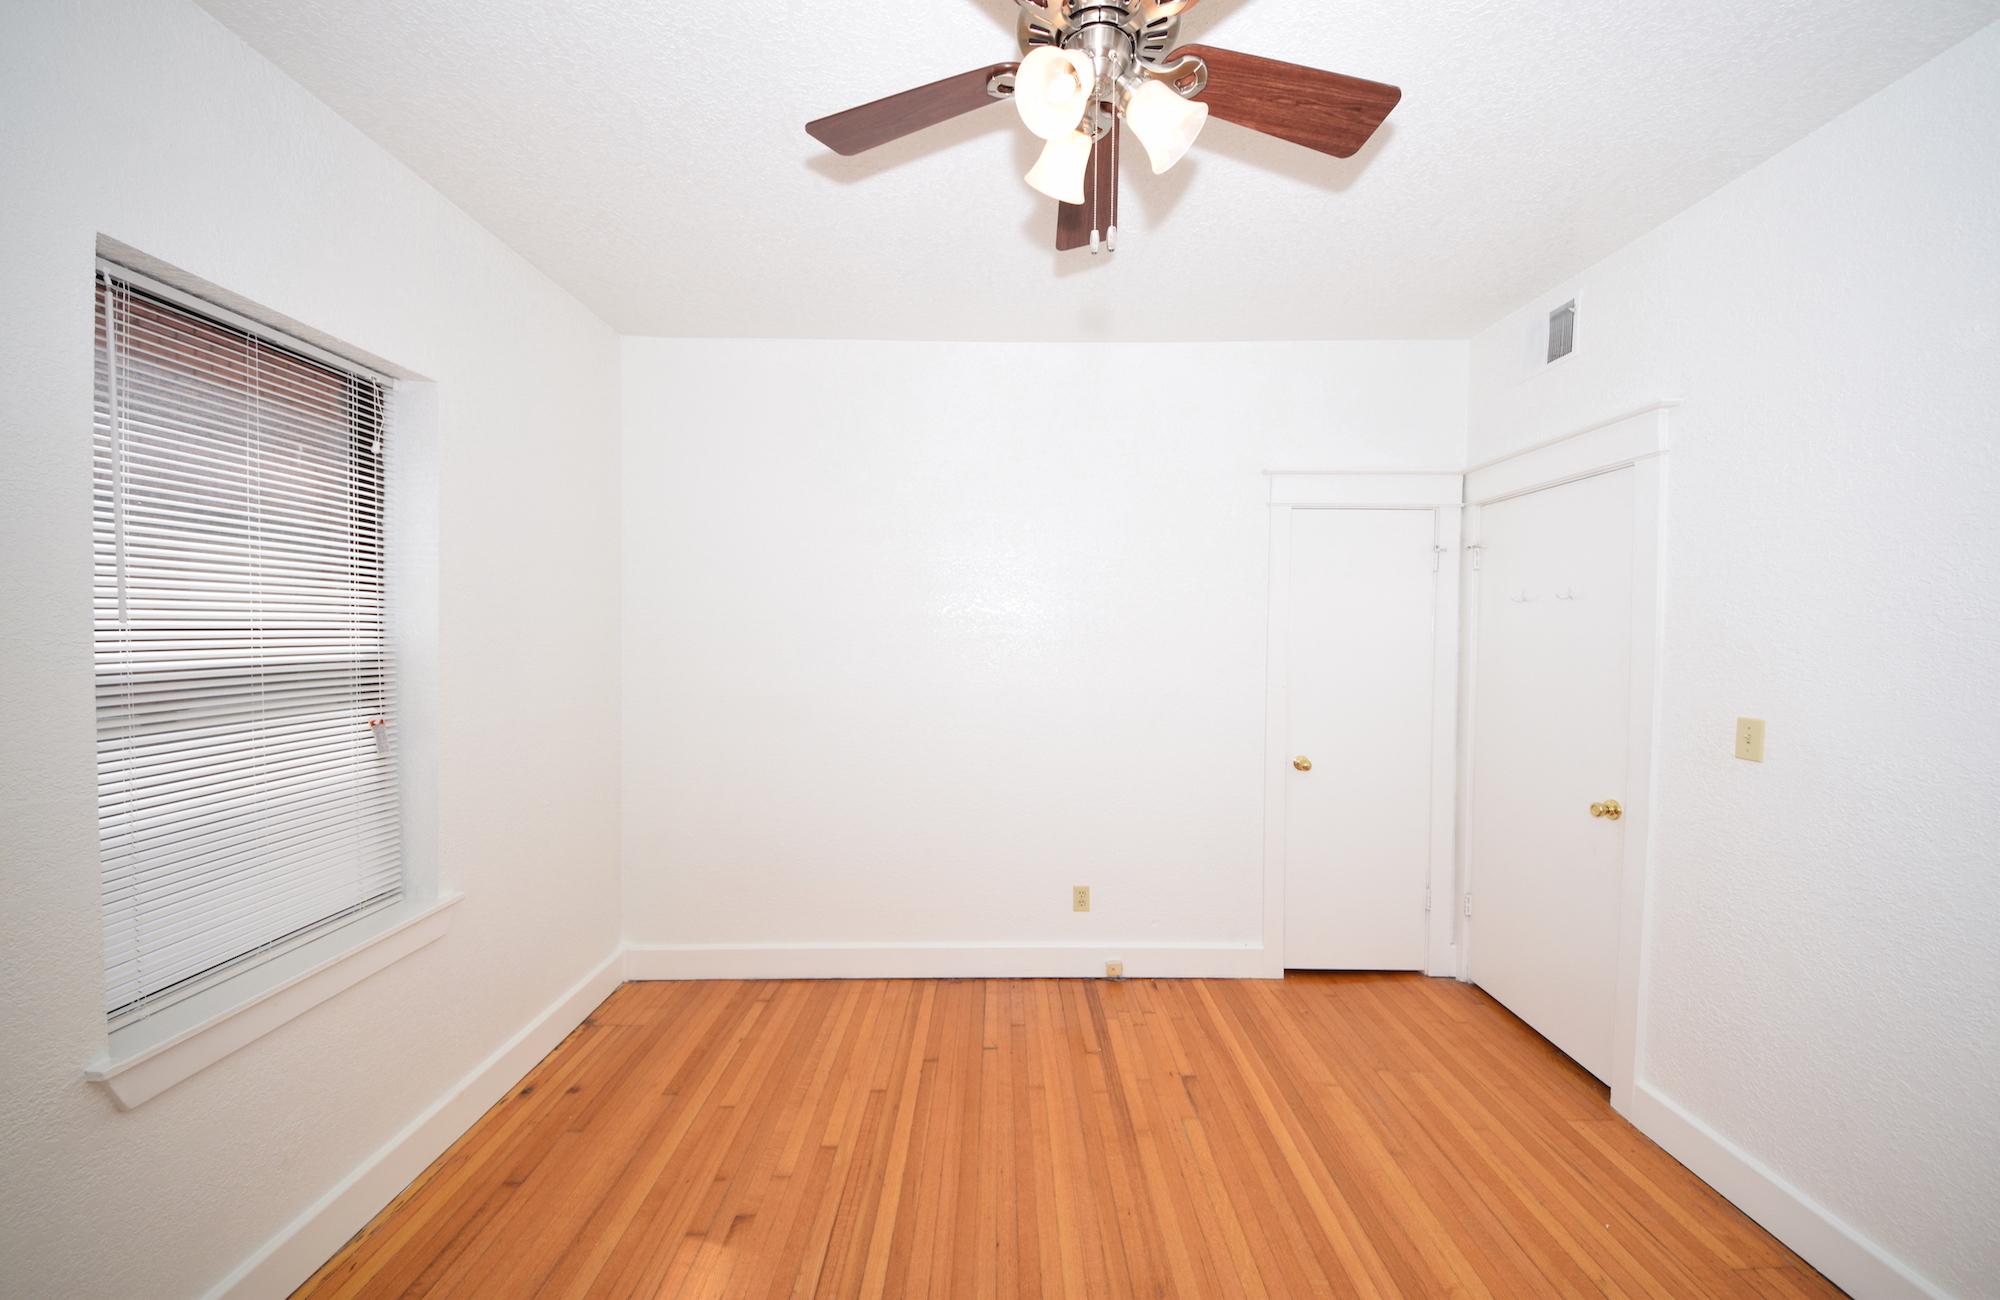 Bedroom 11.75' x 11.75'